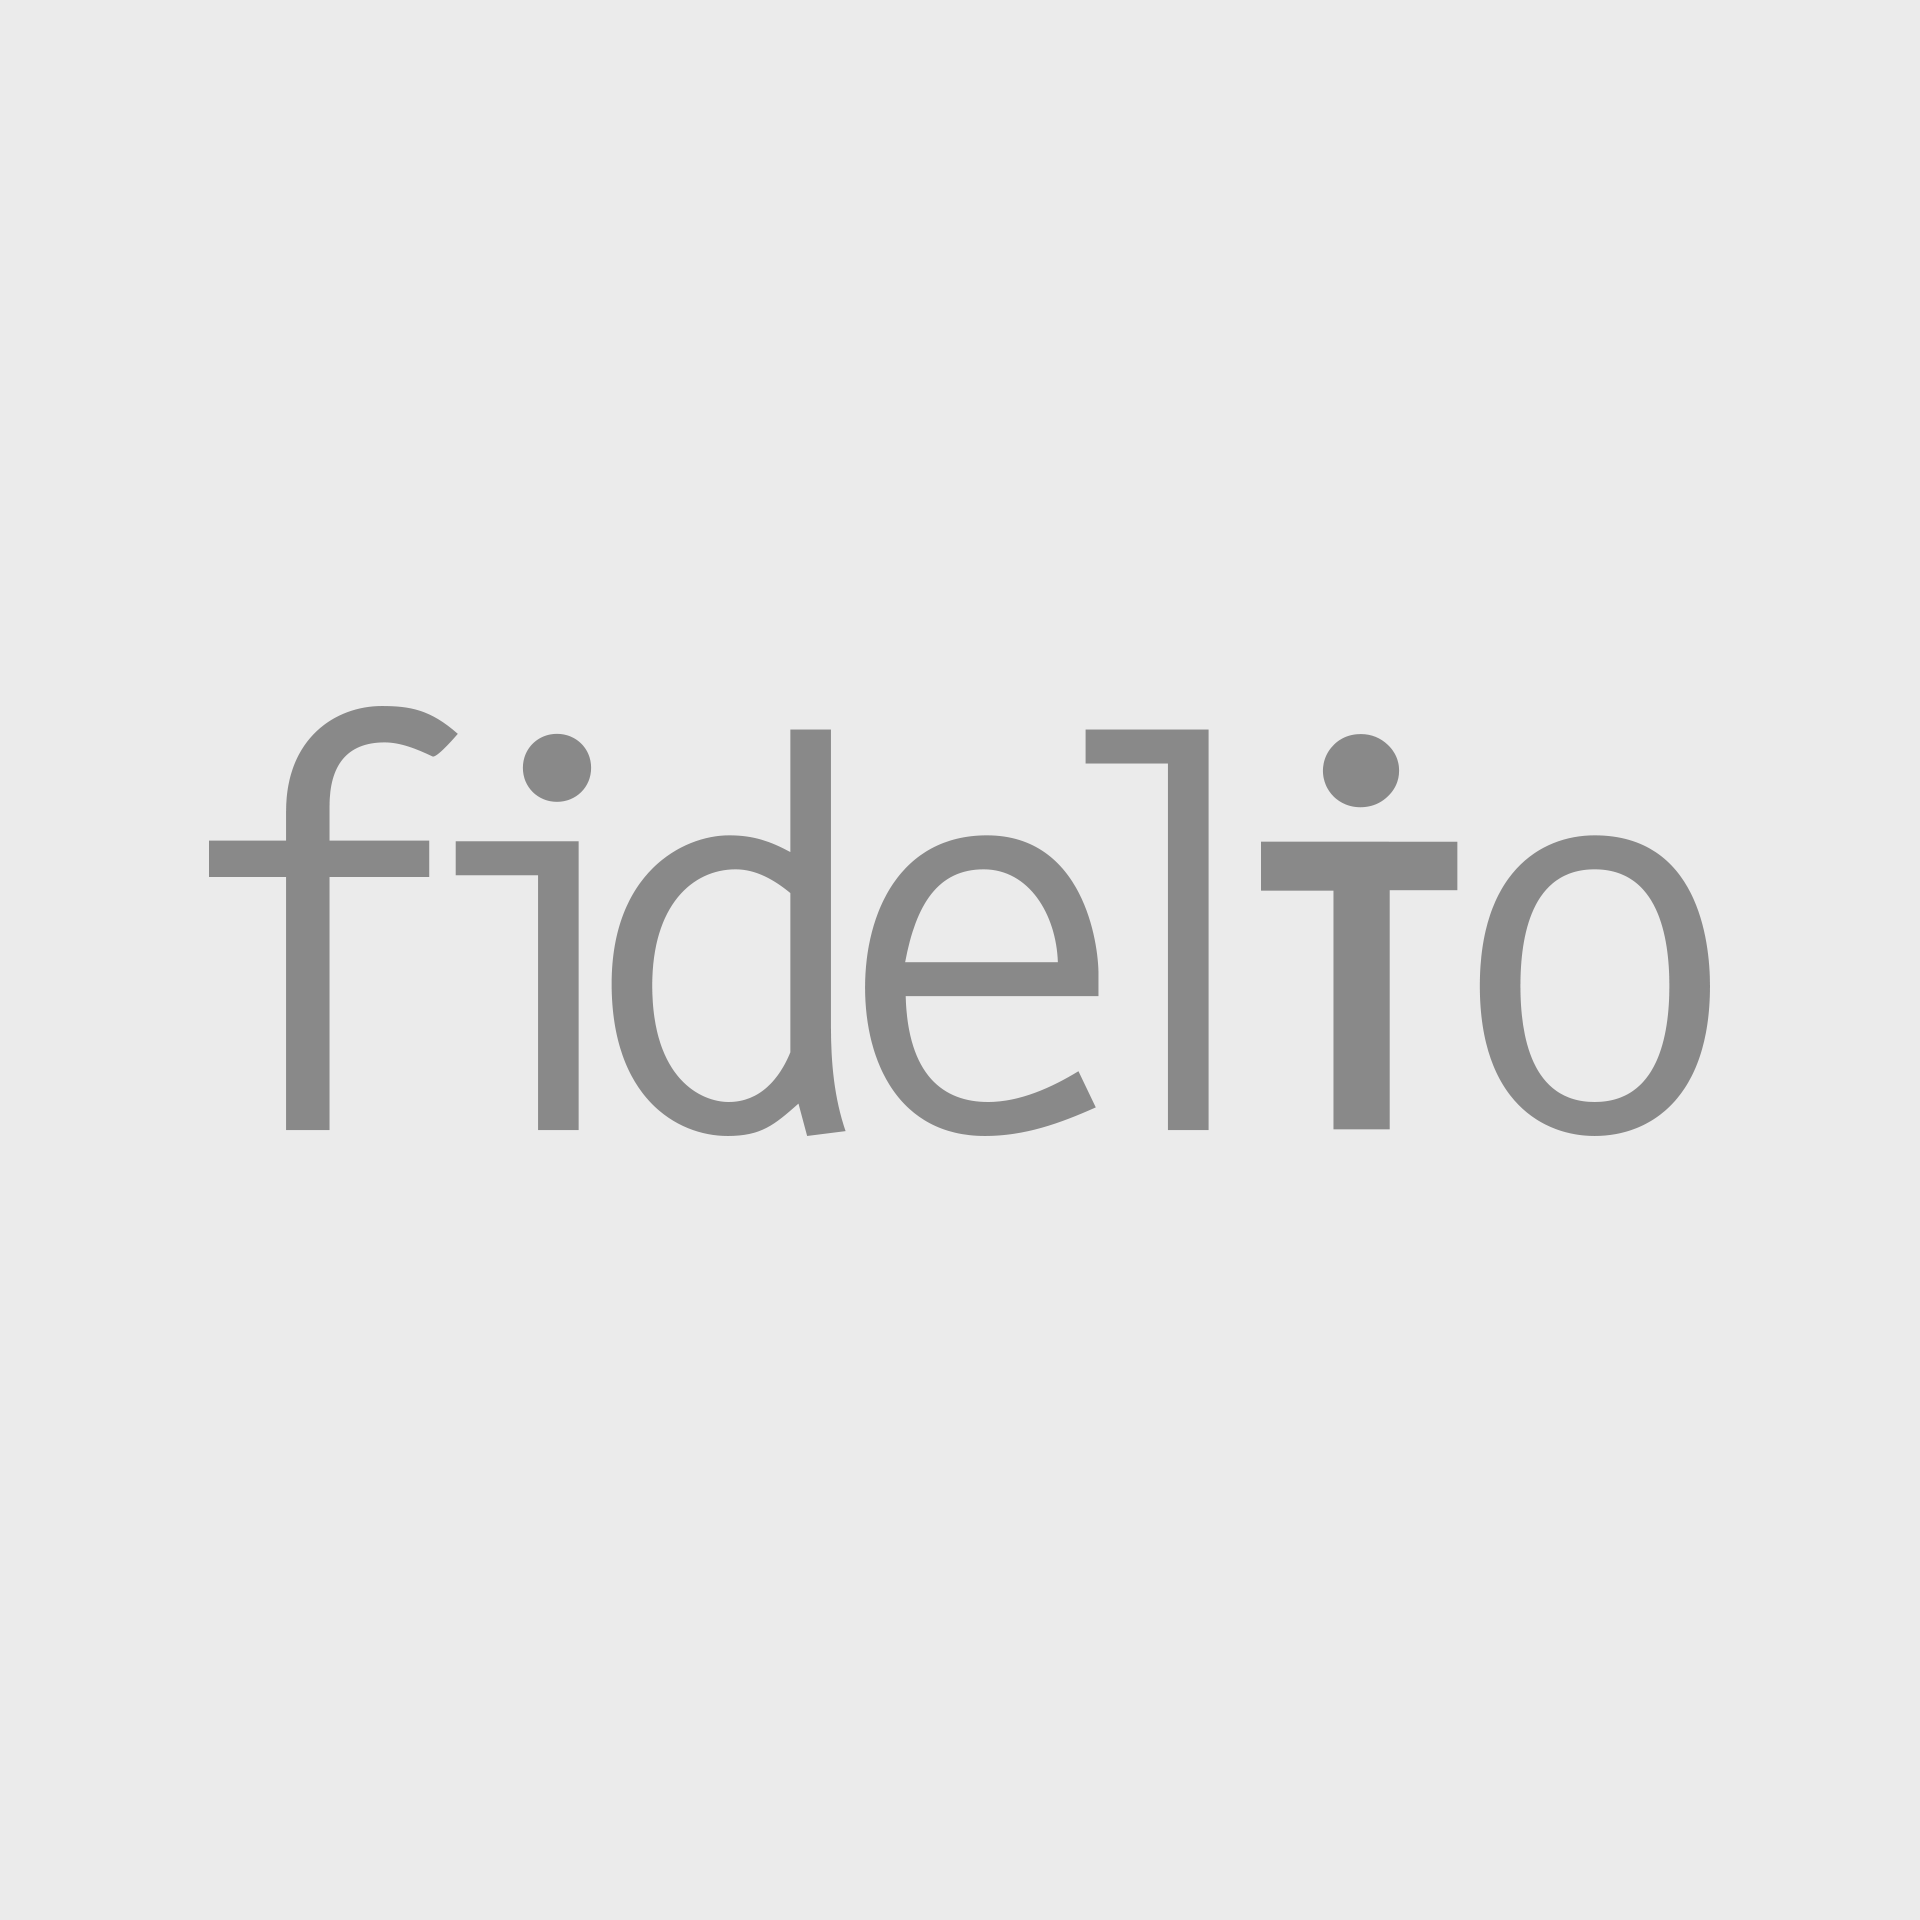 Múzeumi negyed - 120 milliárd forint juthat a beruházásokra - Fidelio.hu 1ed54aad90